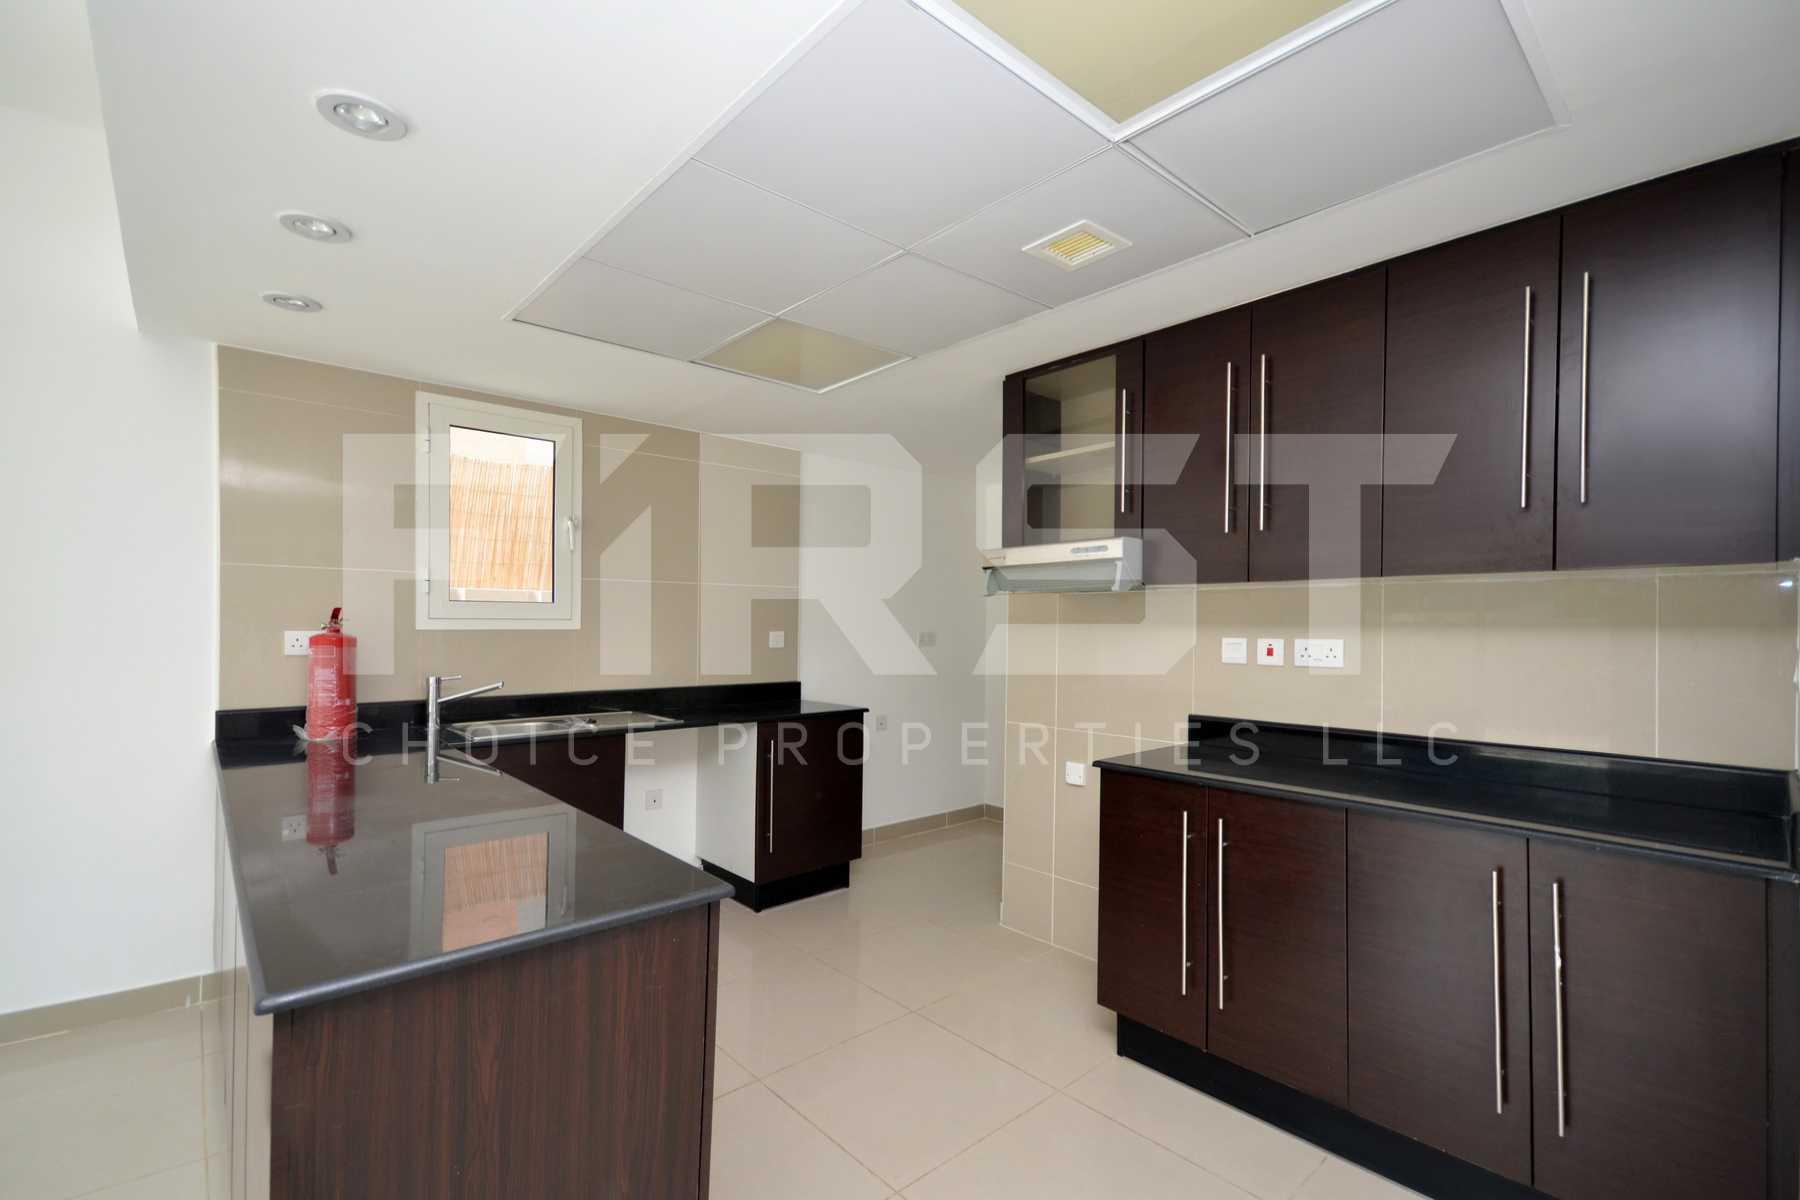 Internal Photo of 4 Bedroom Villa in Al Reef Villas Al Reef Abu Dhabi UAE 265.5 sq.m 2858 sq.ft (7).jpg